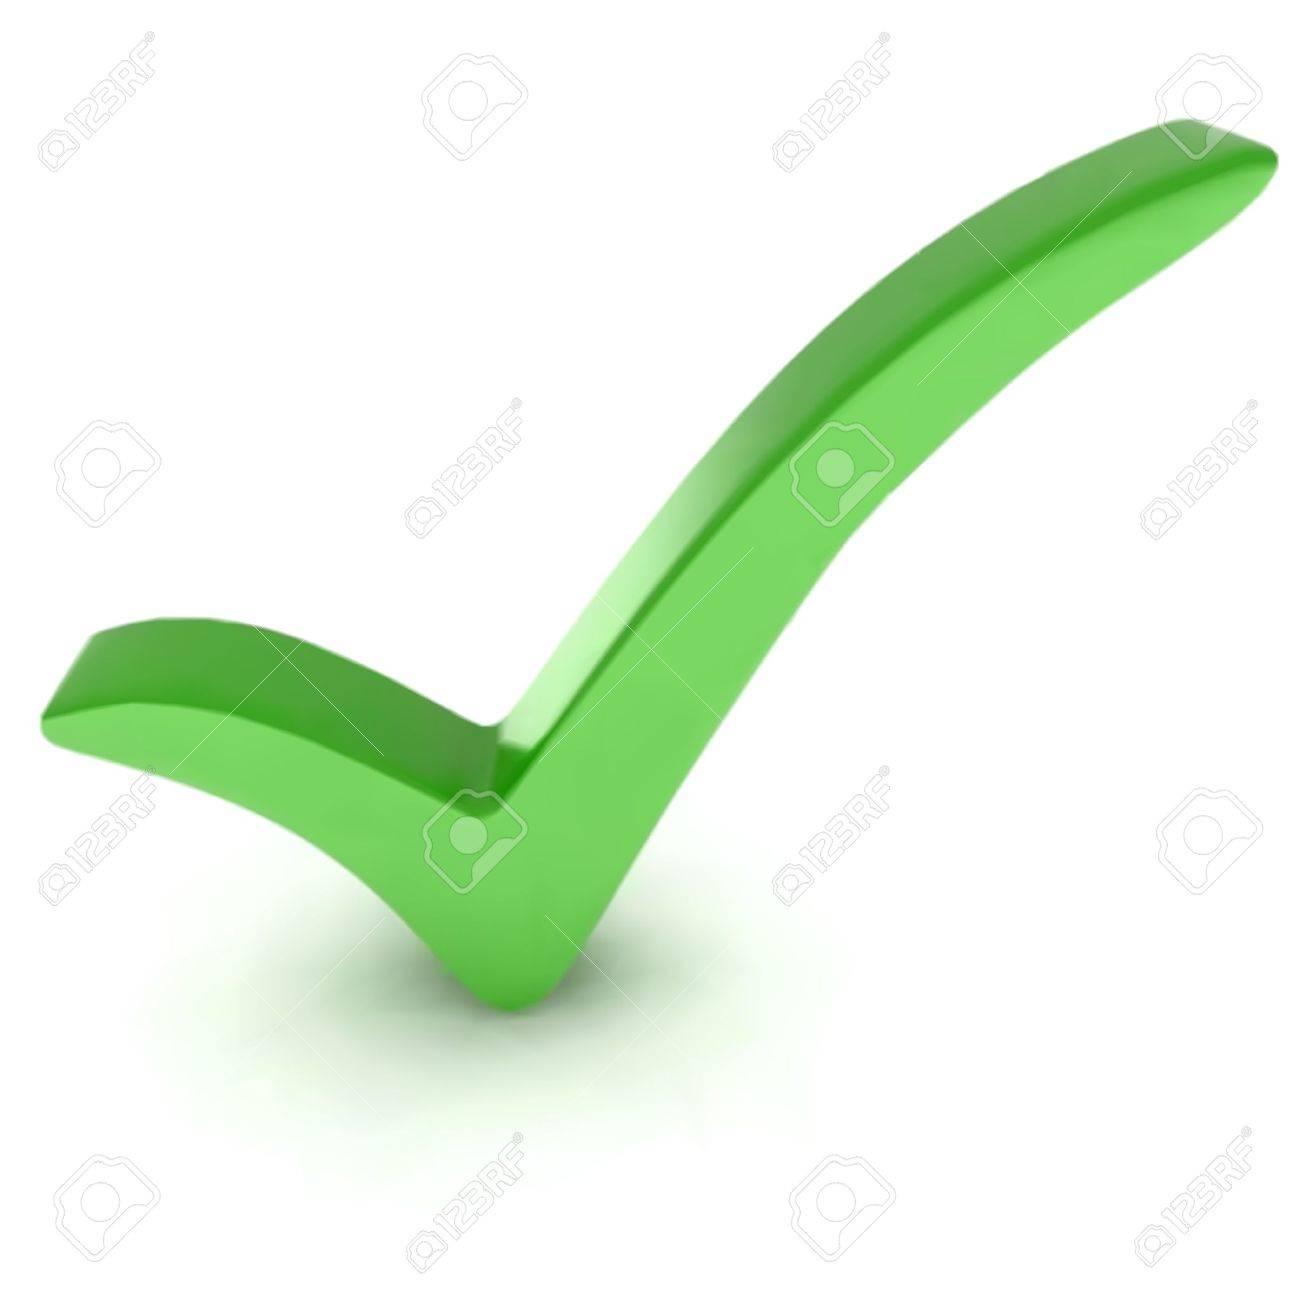 Green check mark Stock Vector - 13004432